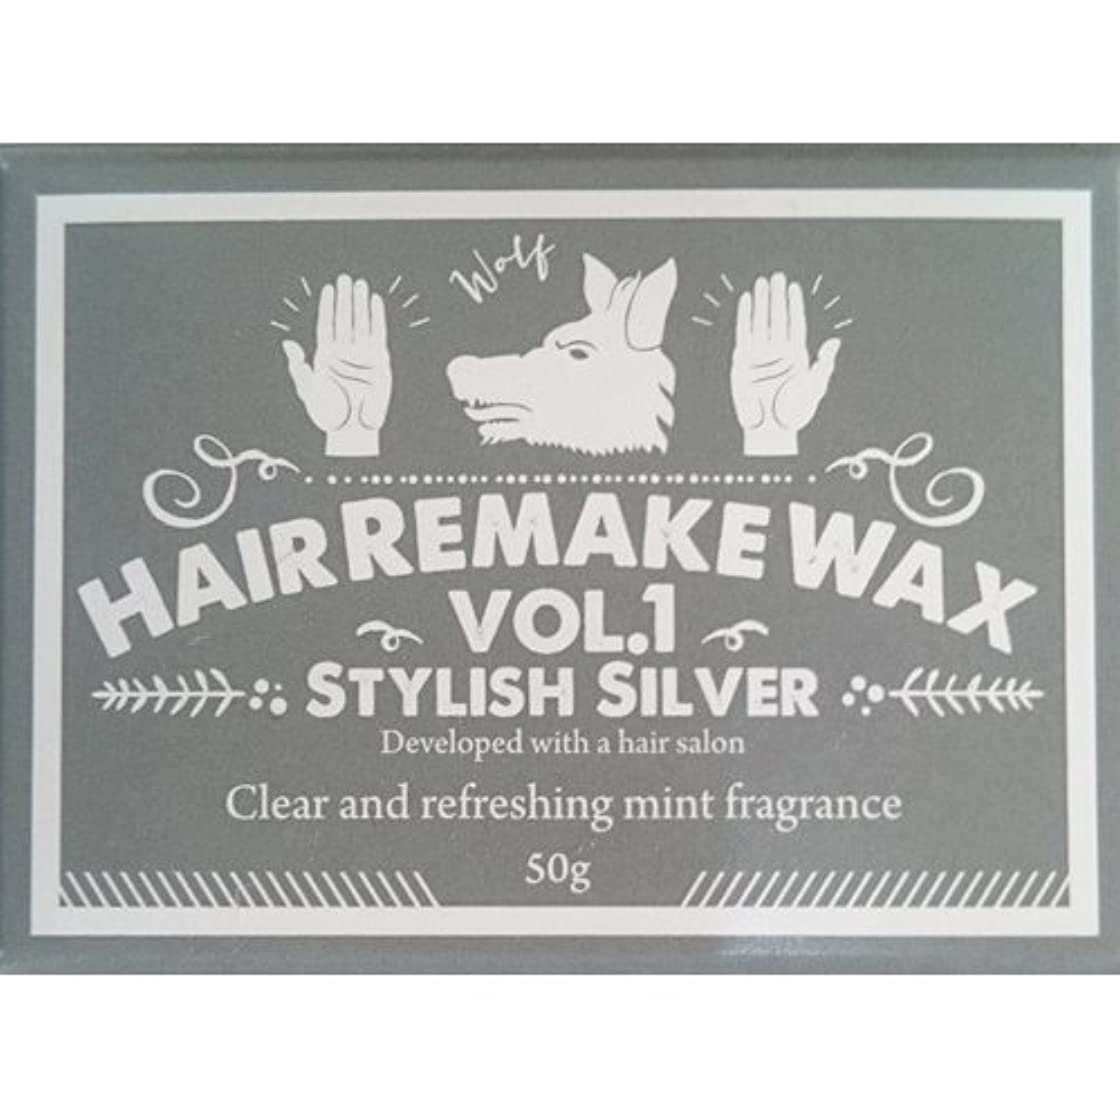 ダイアクリティカル描写流暢Hair Remake(ヘアーリメイク)WAX Vol.1 スタイリッシュシルバー 50g